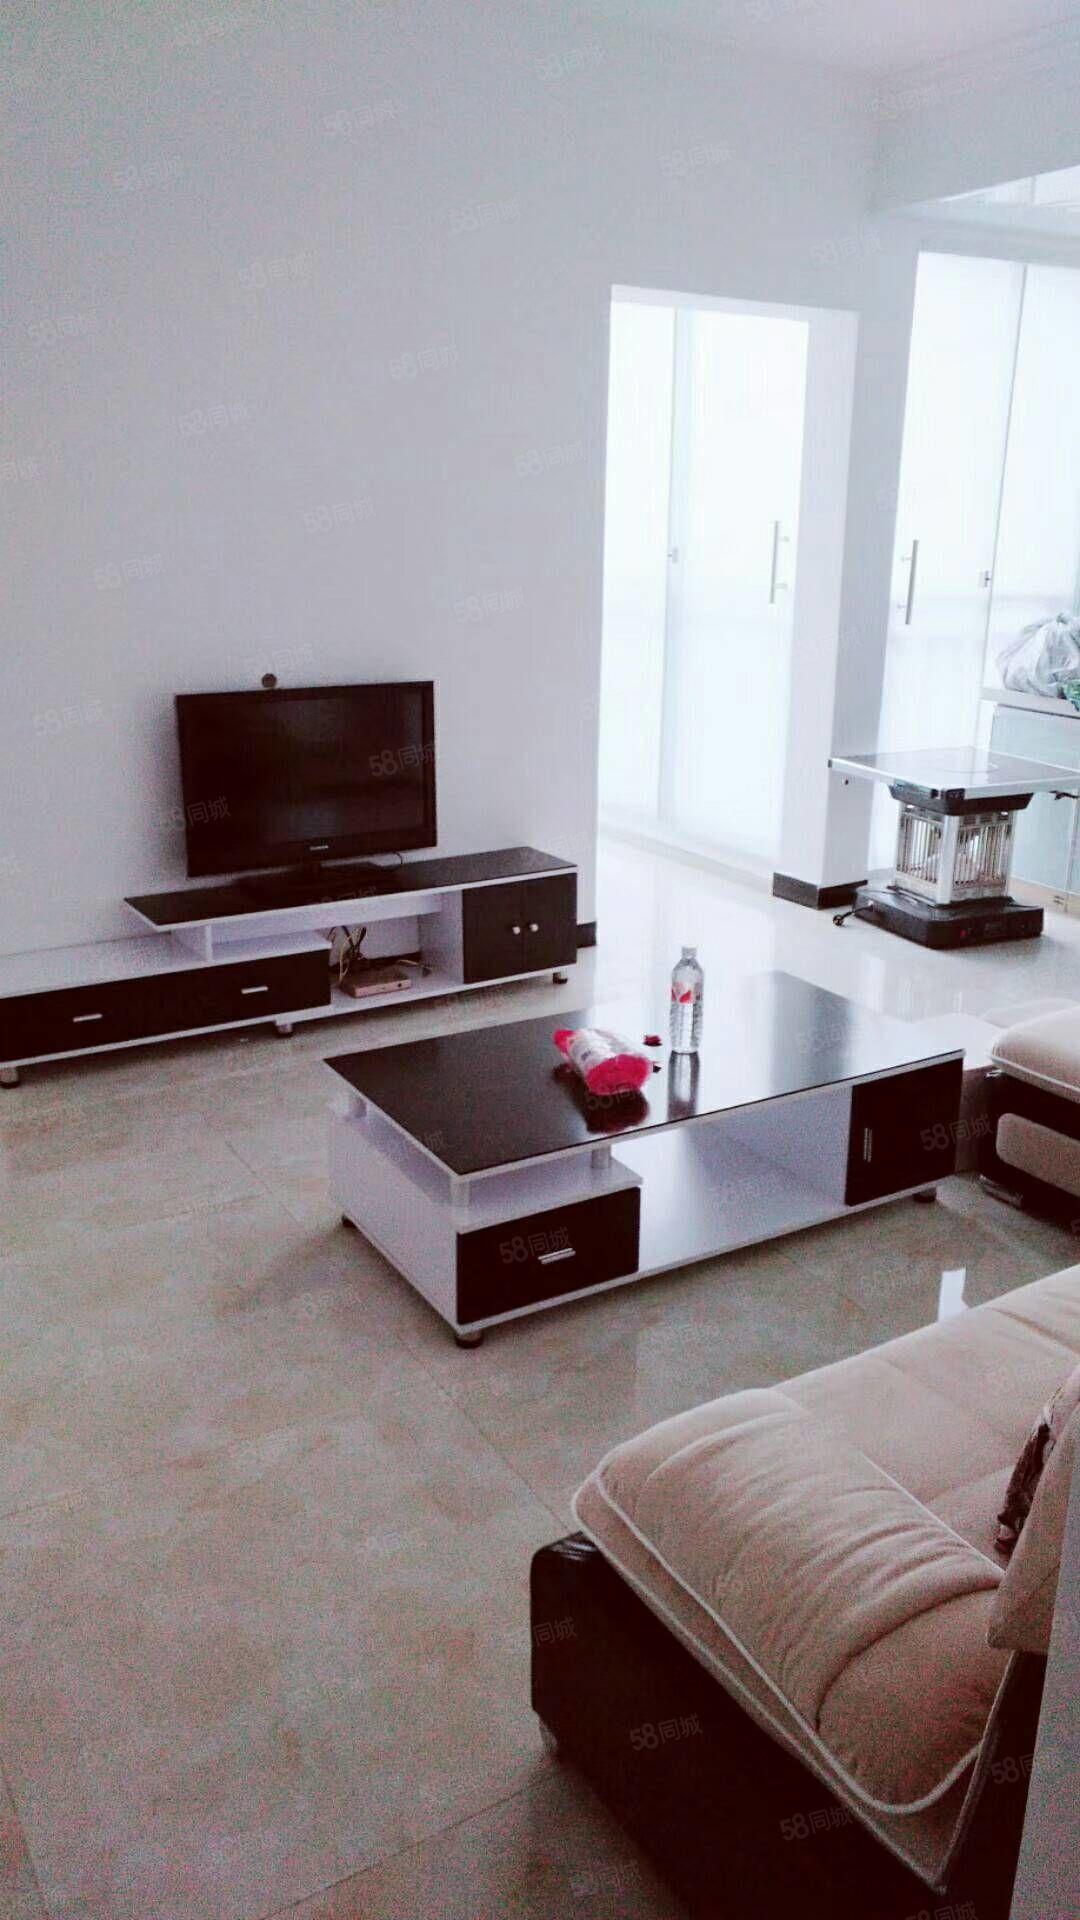 民航大道精裝修標準1室1廳帶全套家具家電出租